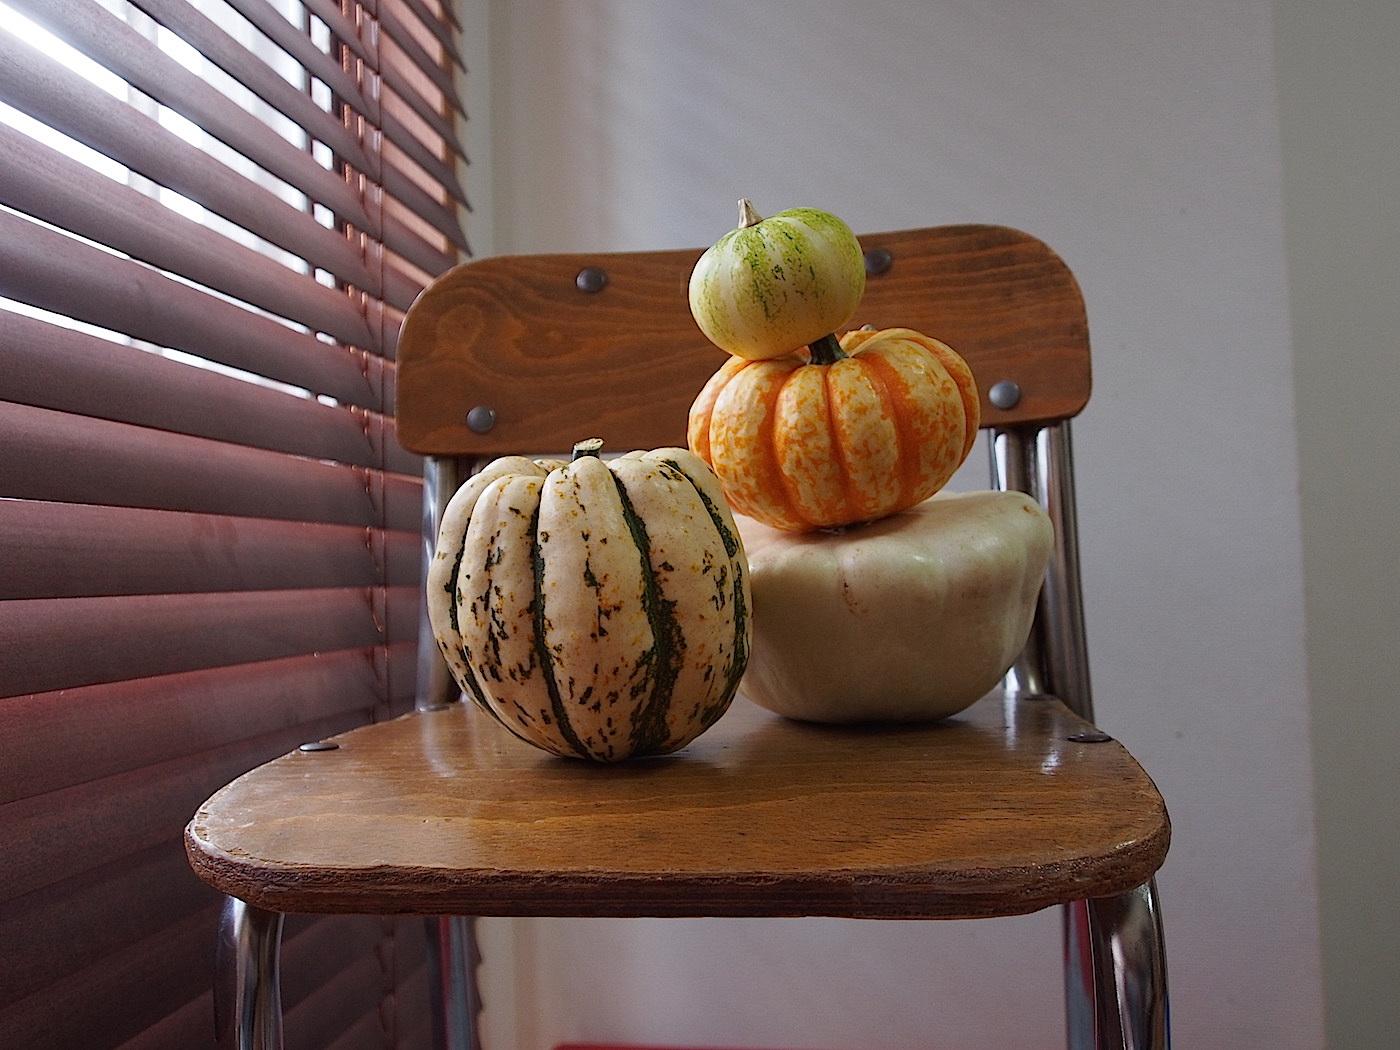 ハロウィンでかぼちゃを飾る